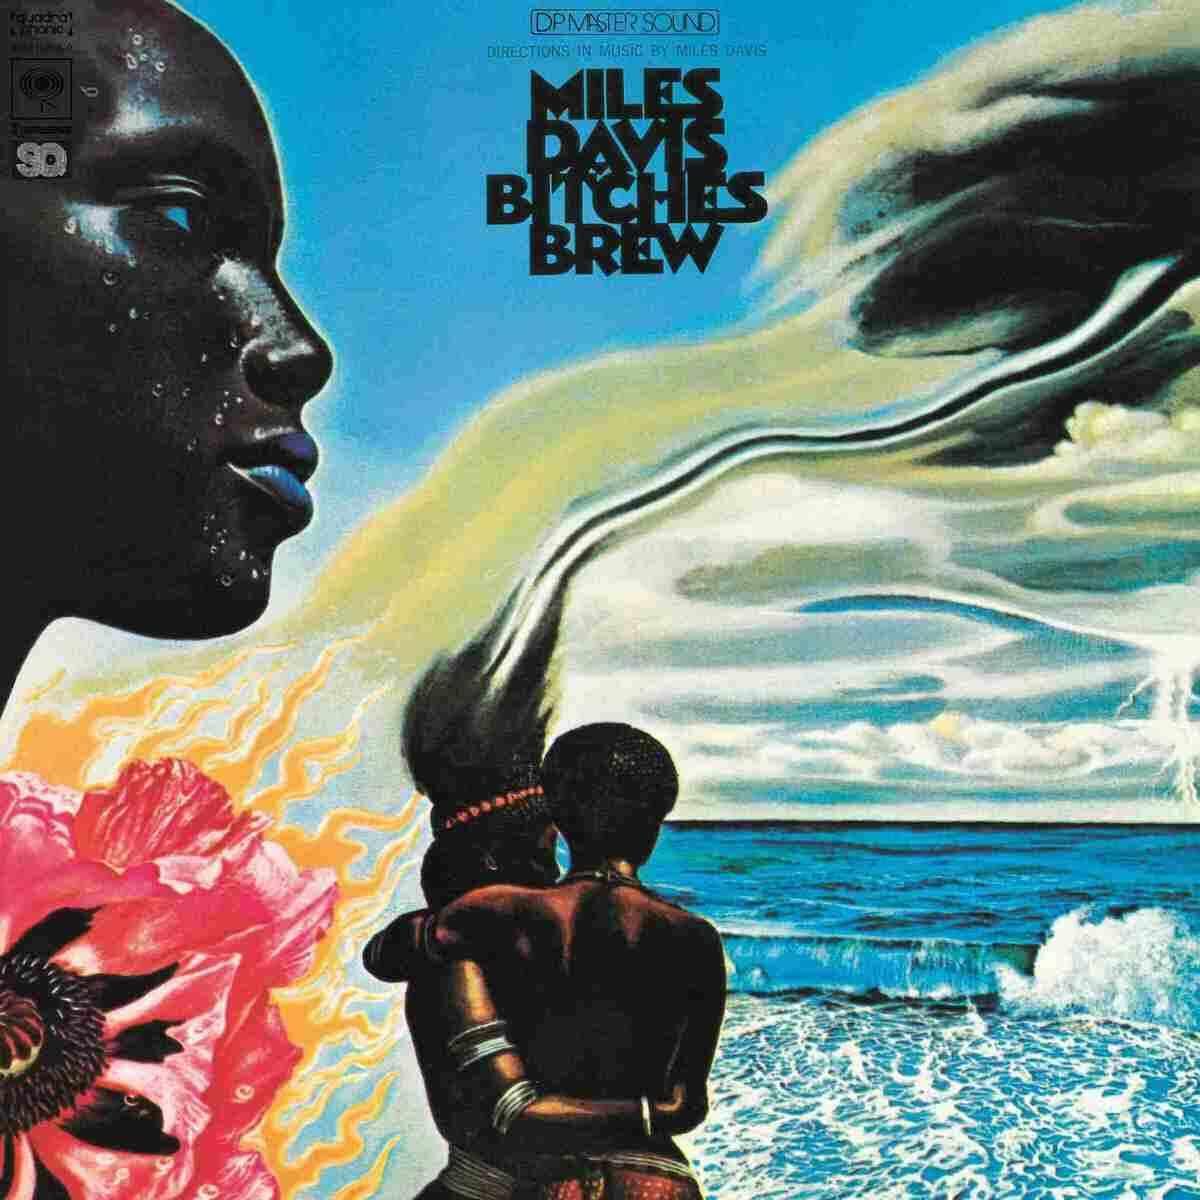 マイルス・デイビスの名作『Bitches Brew』幻の4チャンネル・ミックスが蘇る! music180718_milesdavis_2-1200x1200